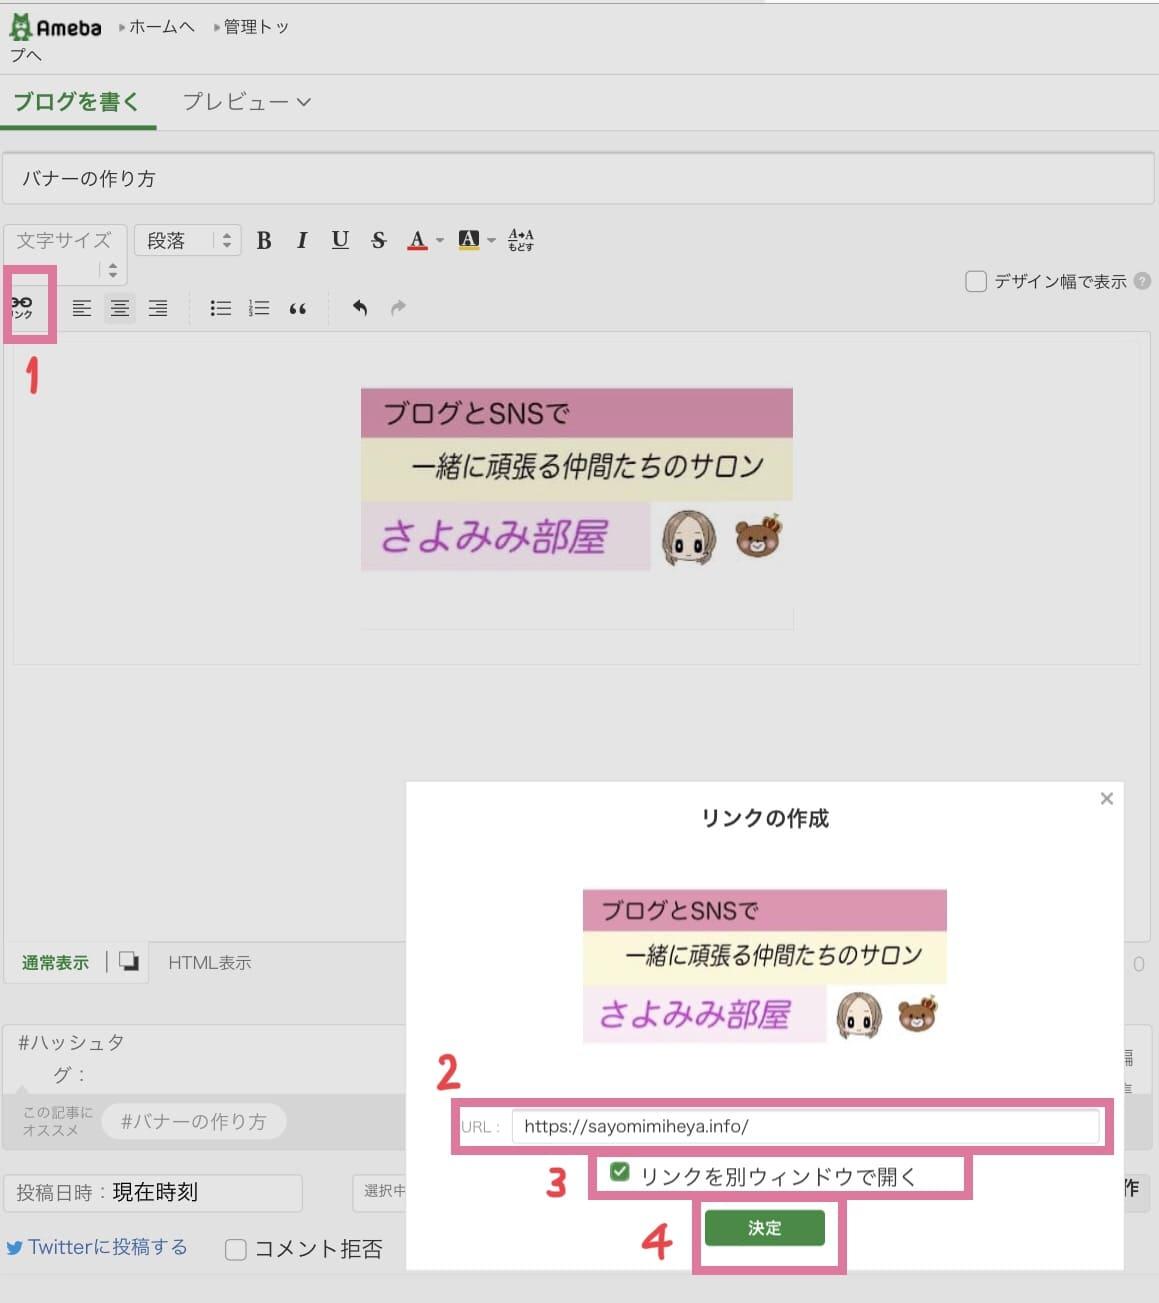 アメブロPC版 画像にリンクを貼る際の手順